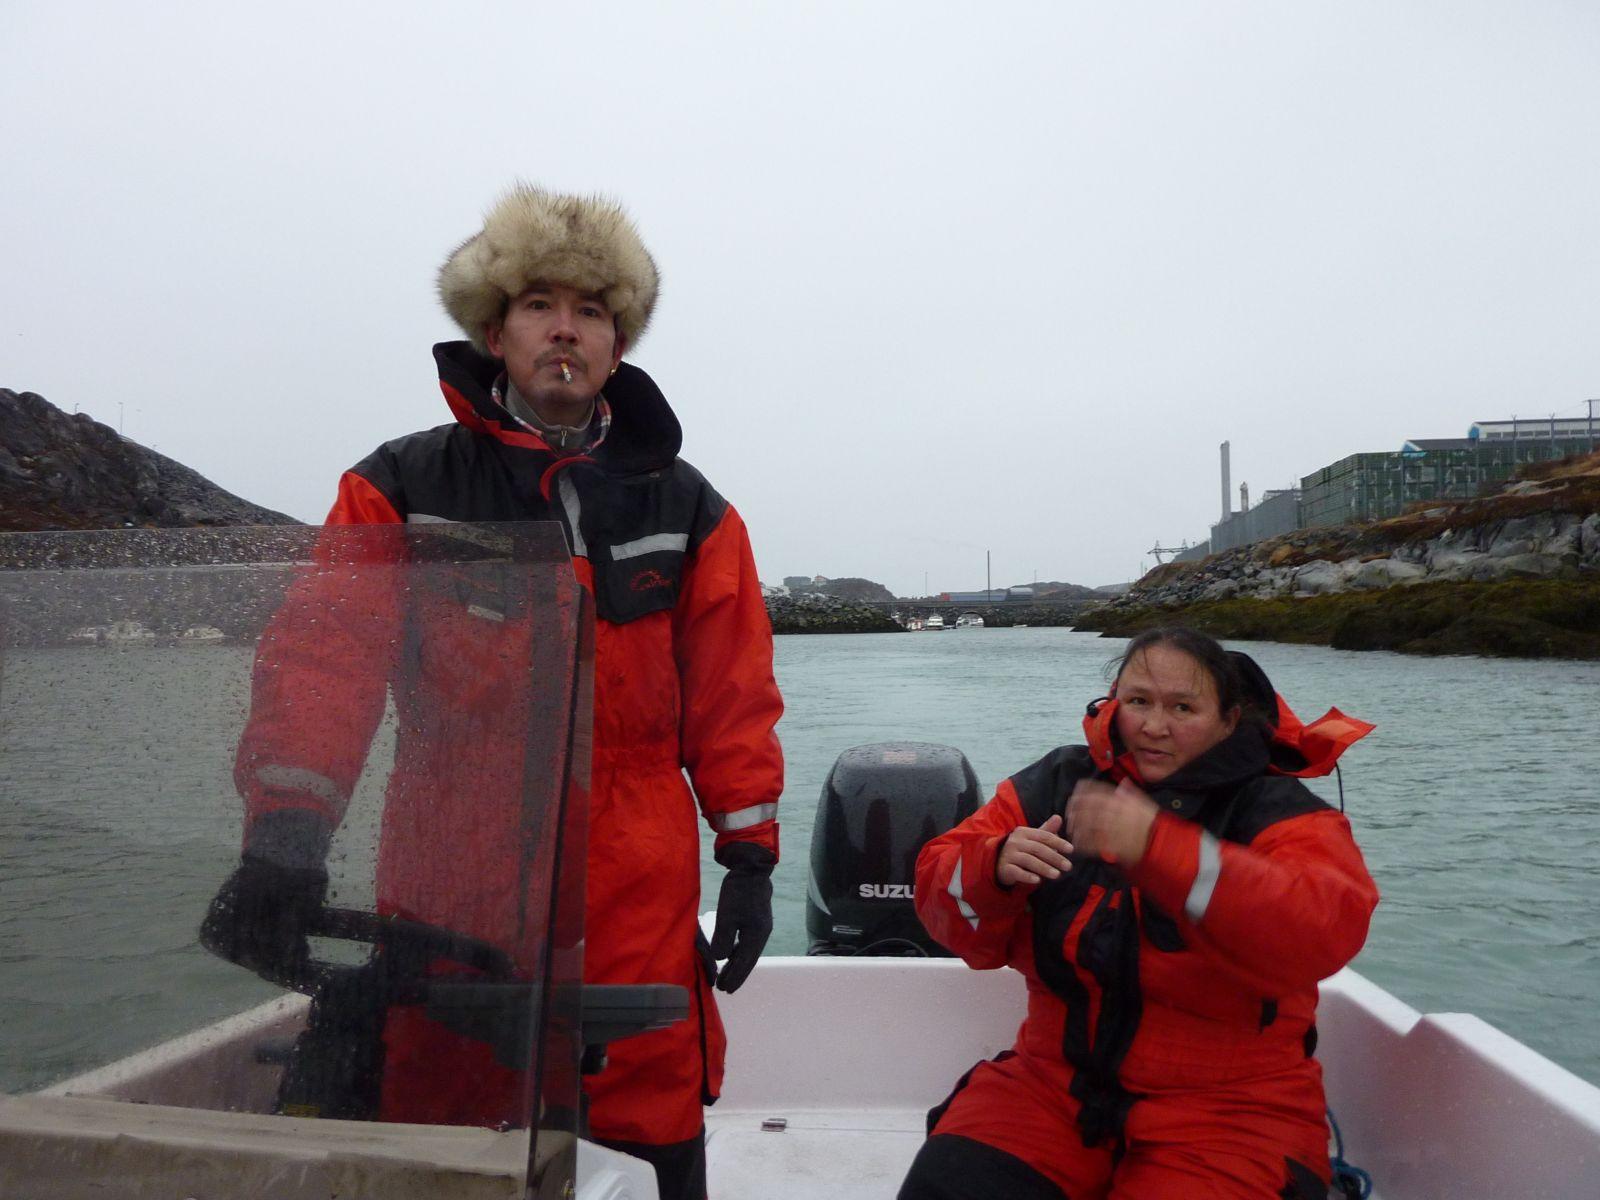 2010-11-06-1305_-_Maren Mikkelsen Lennert; Palle Hjort Sandgreen; Palle Sandgreen